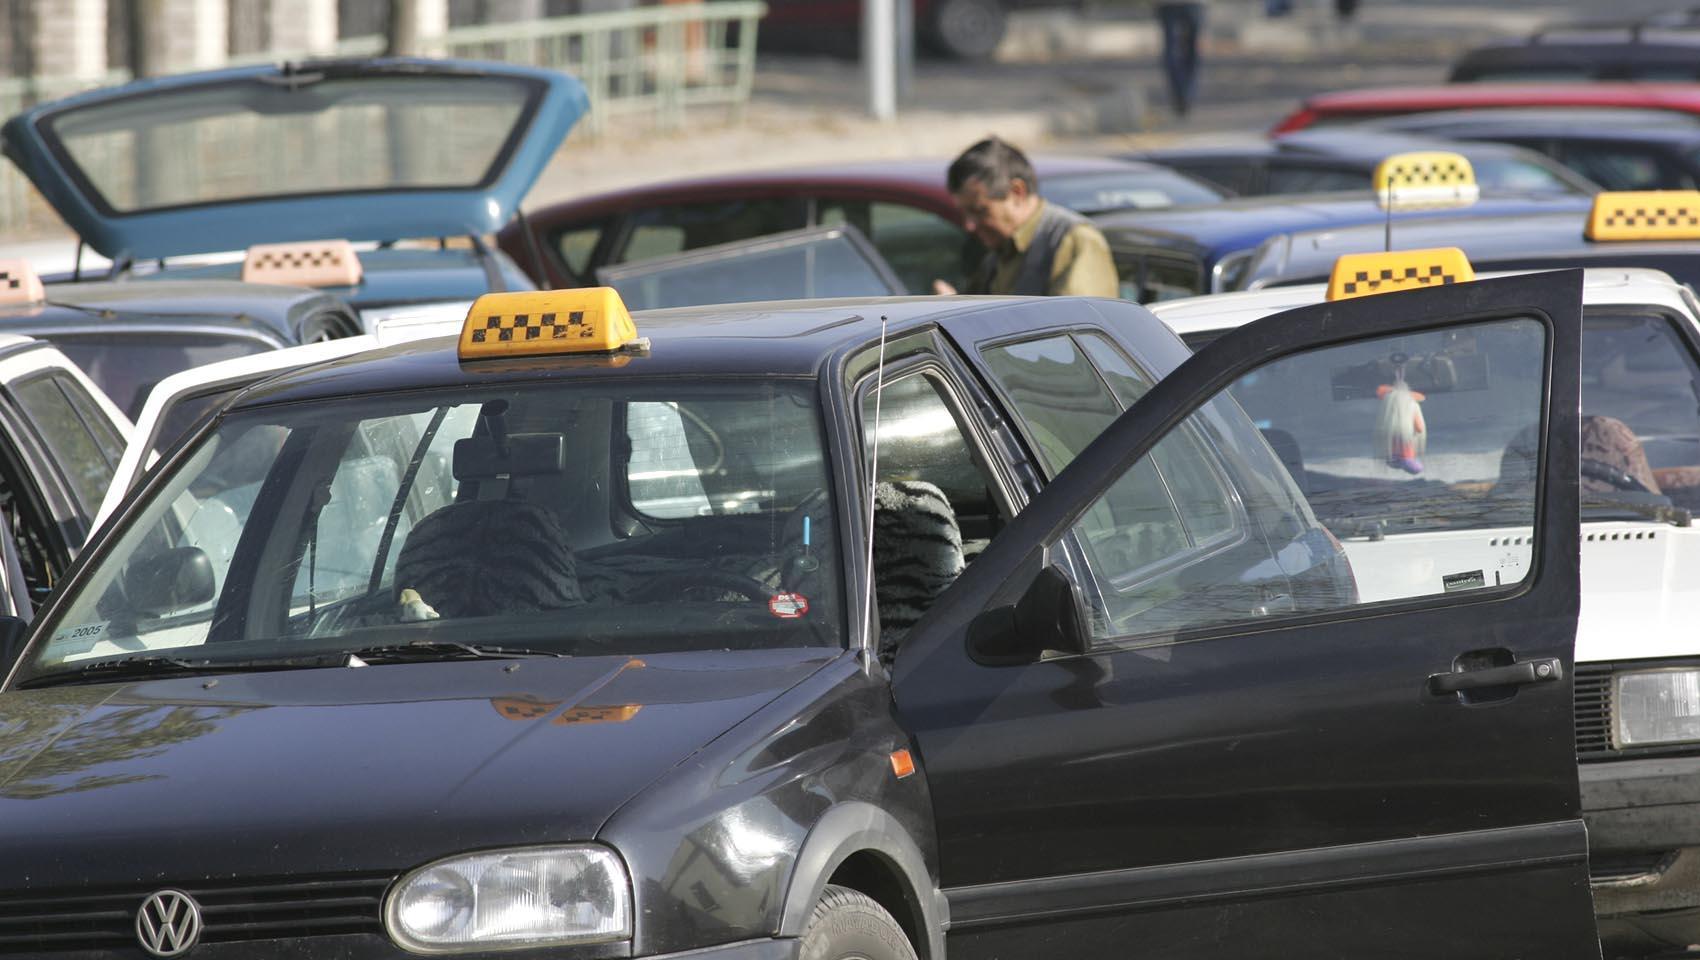 нелегальное такси картинка этого сервиса